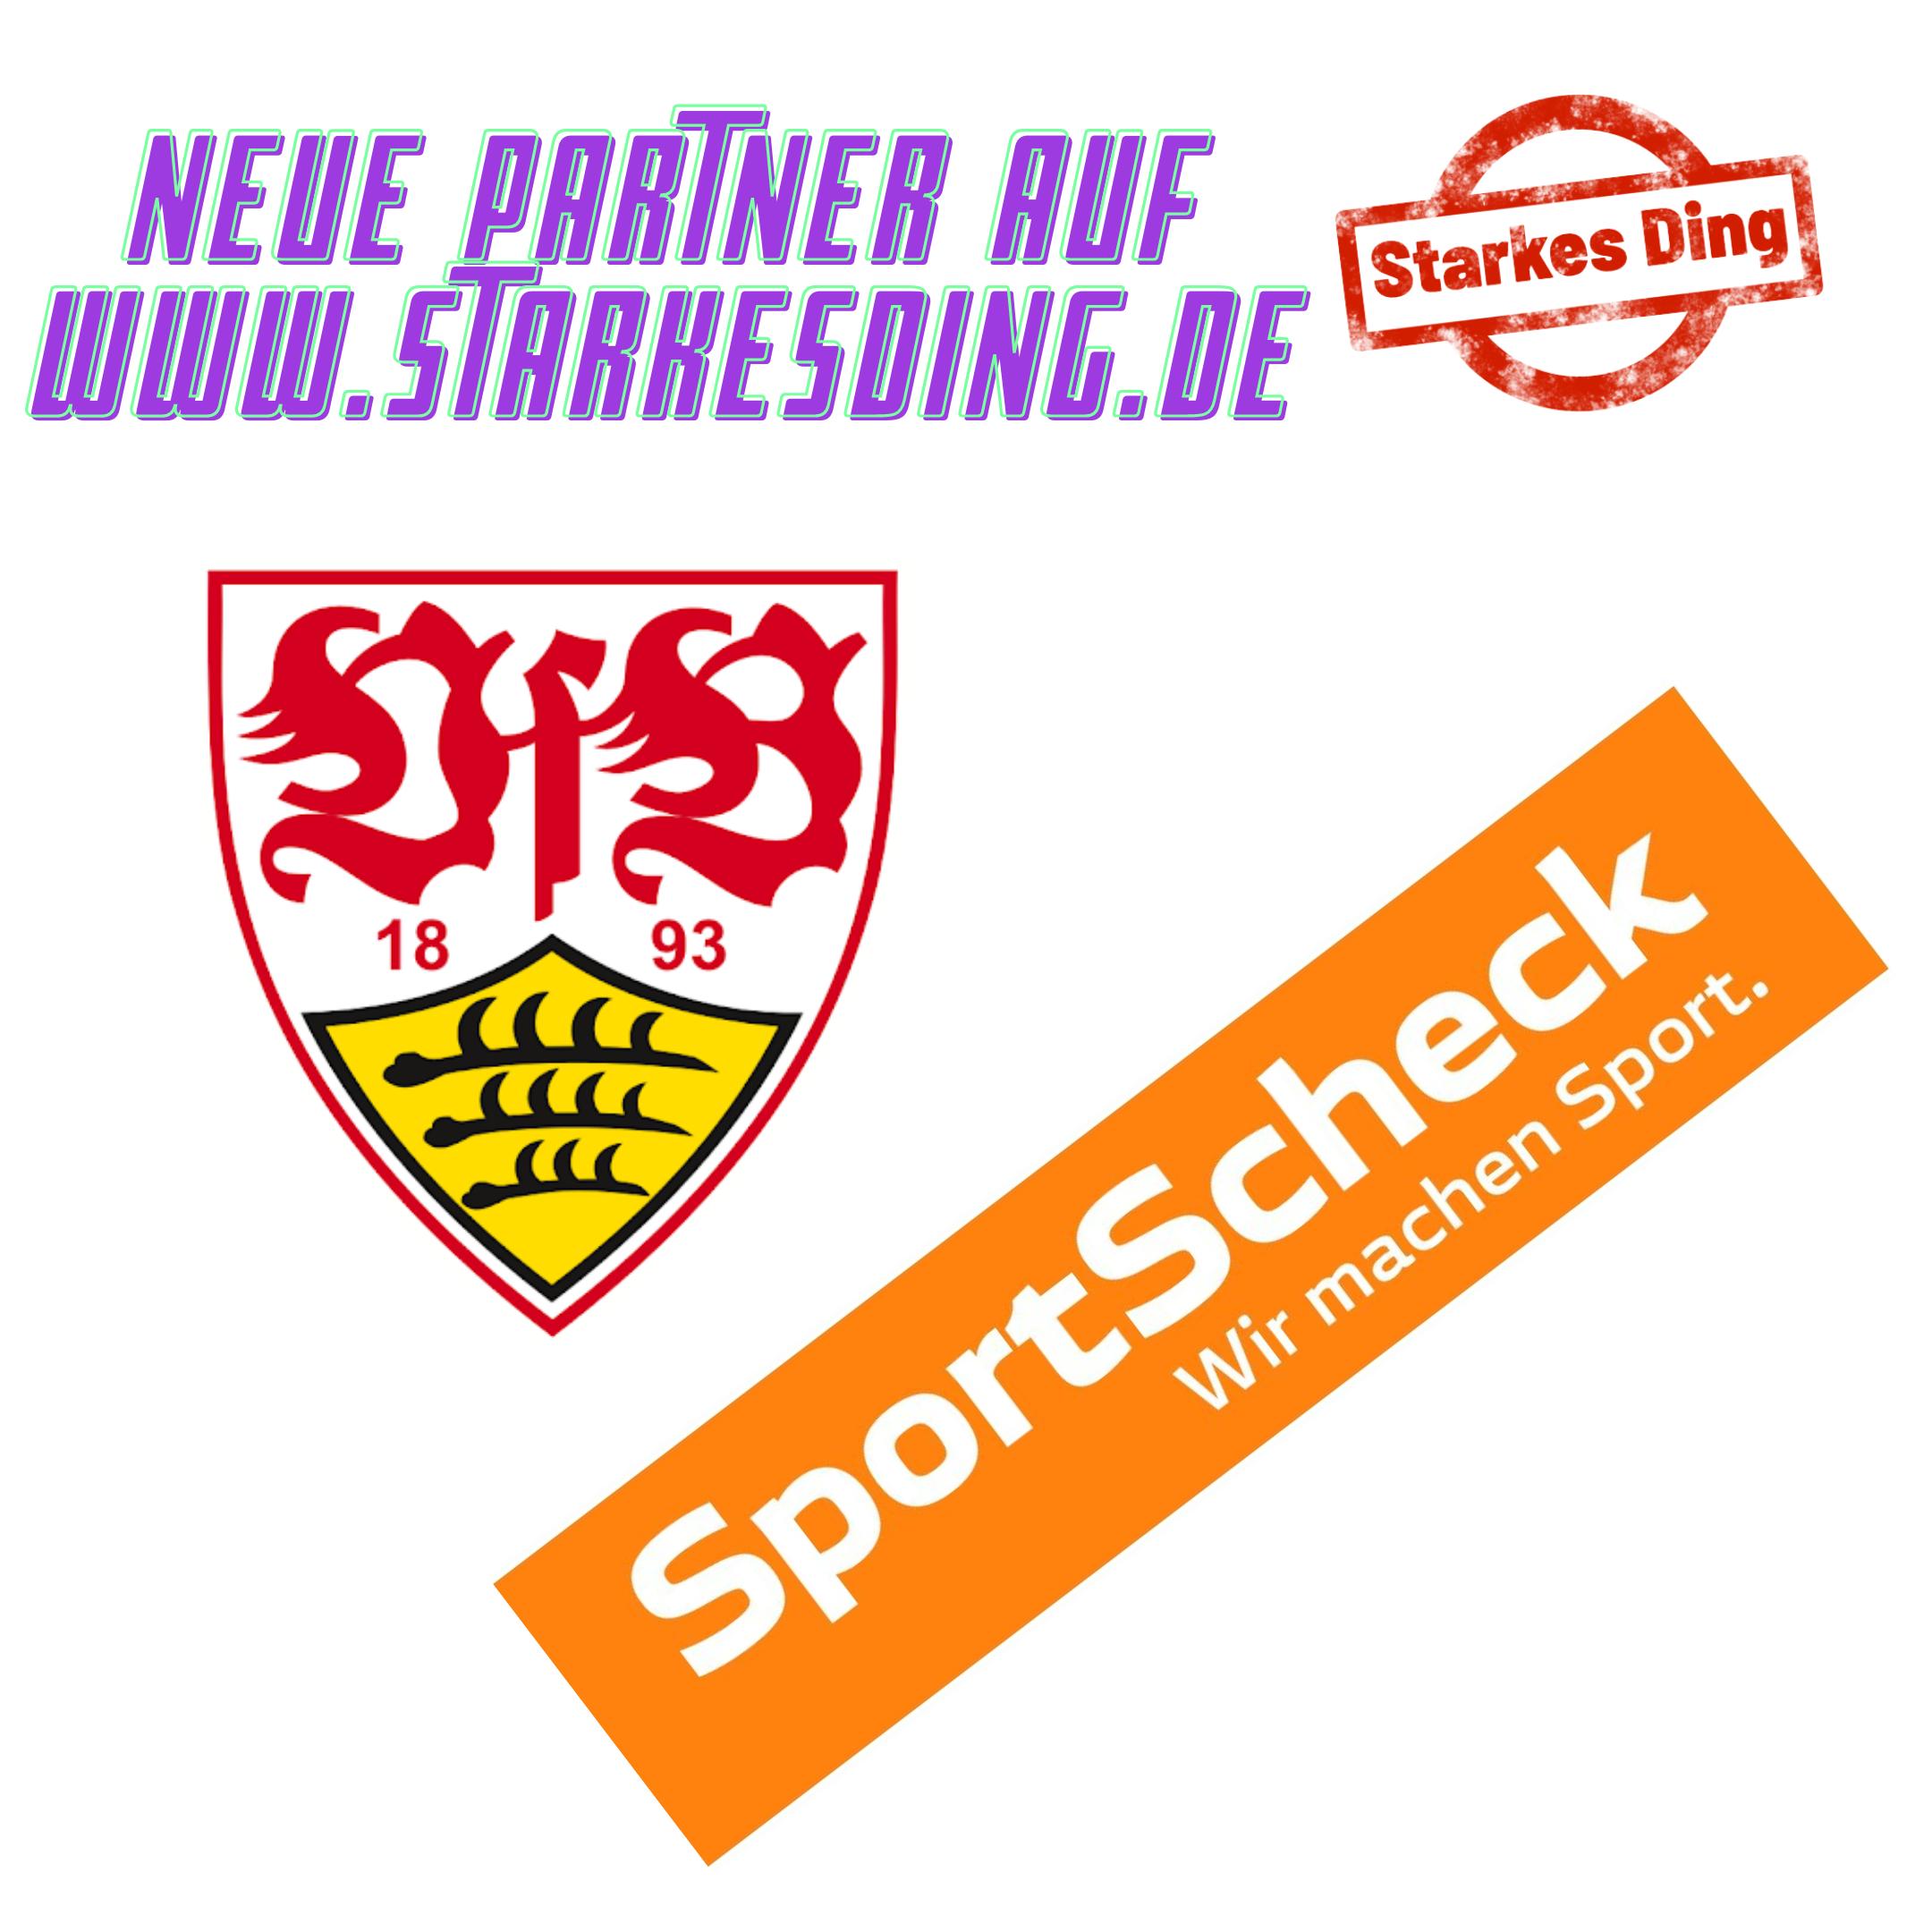 VFB & Sportscheck – neue Partner